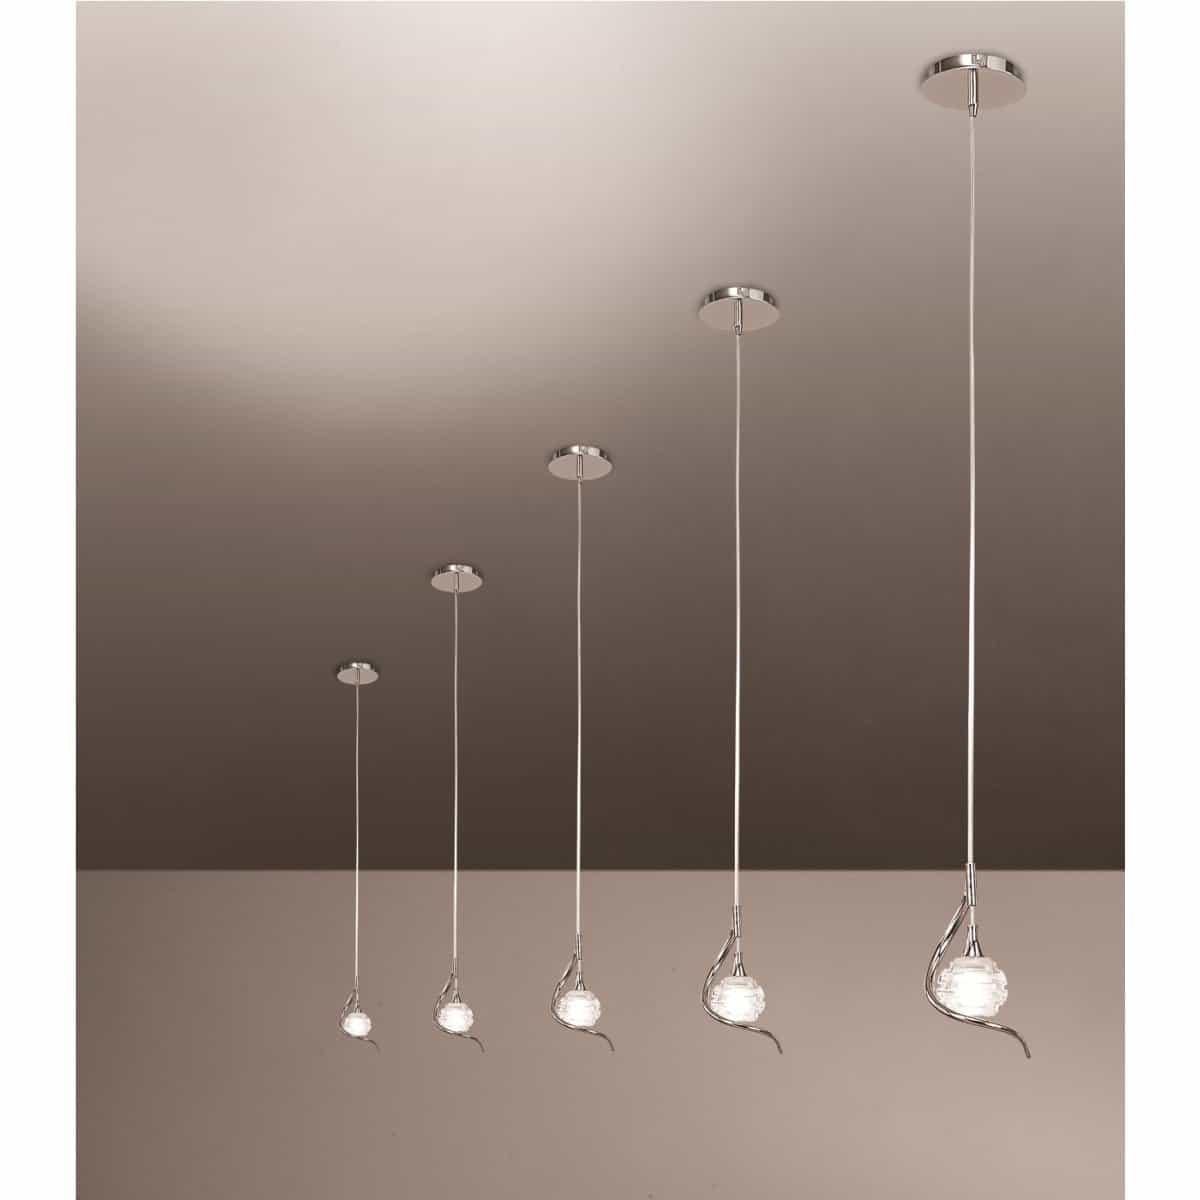 светильники-подвесы на натяжном потолке